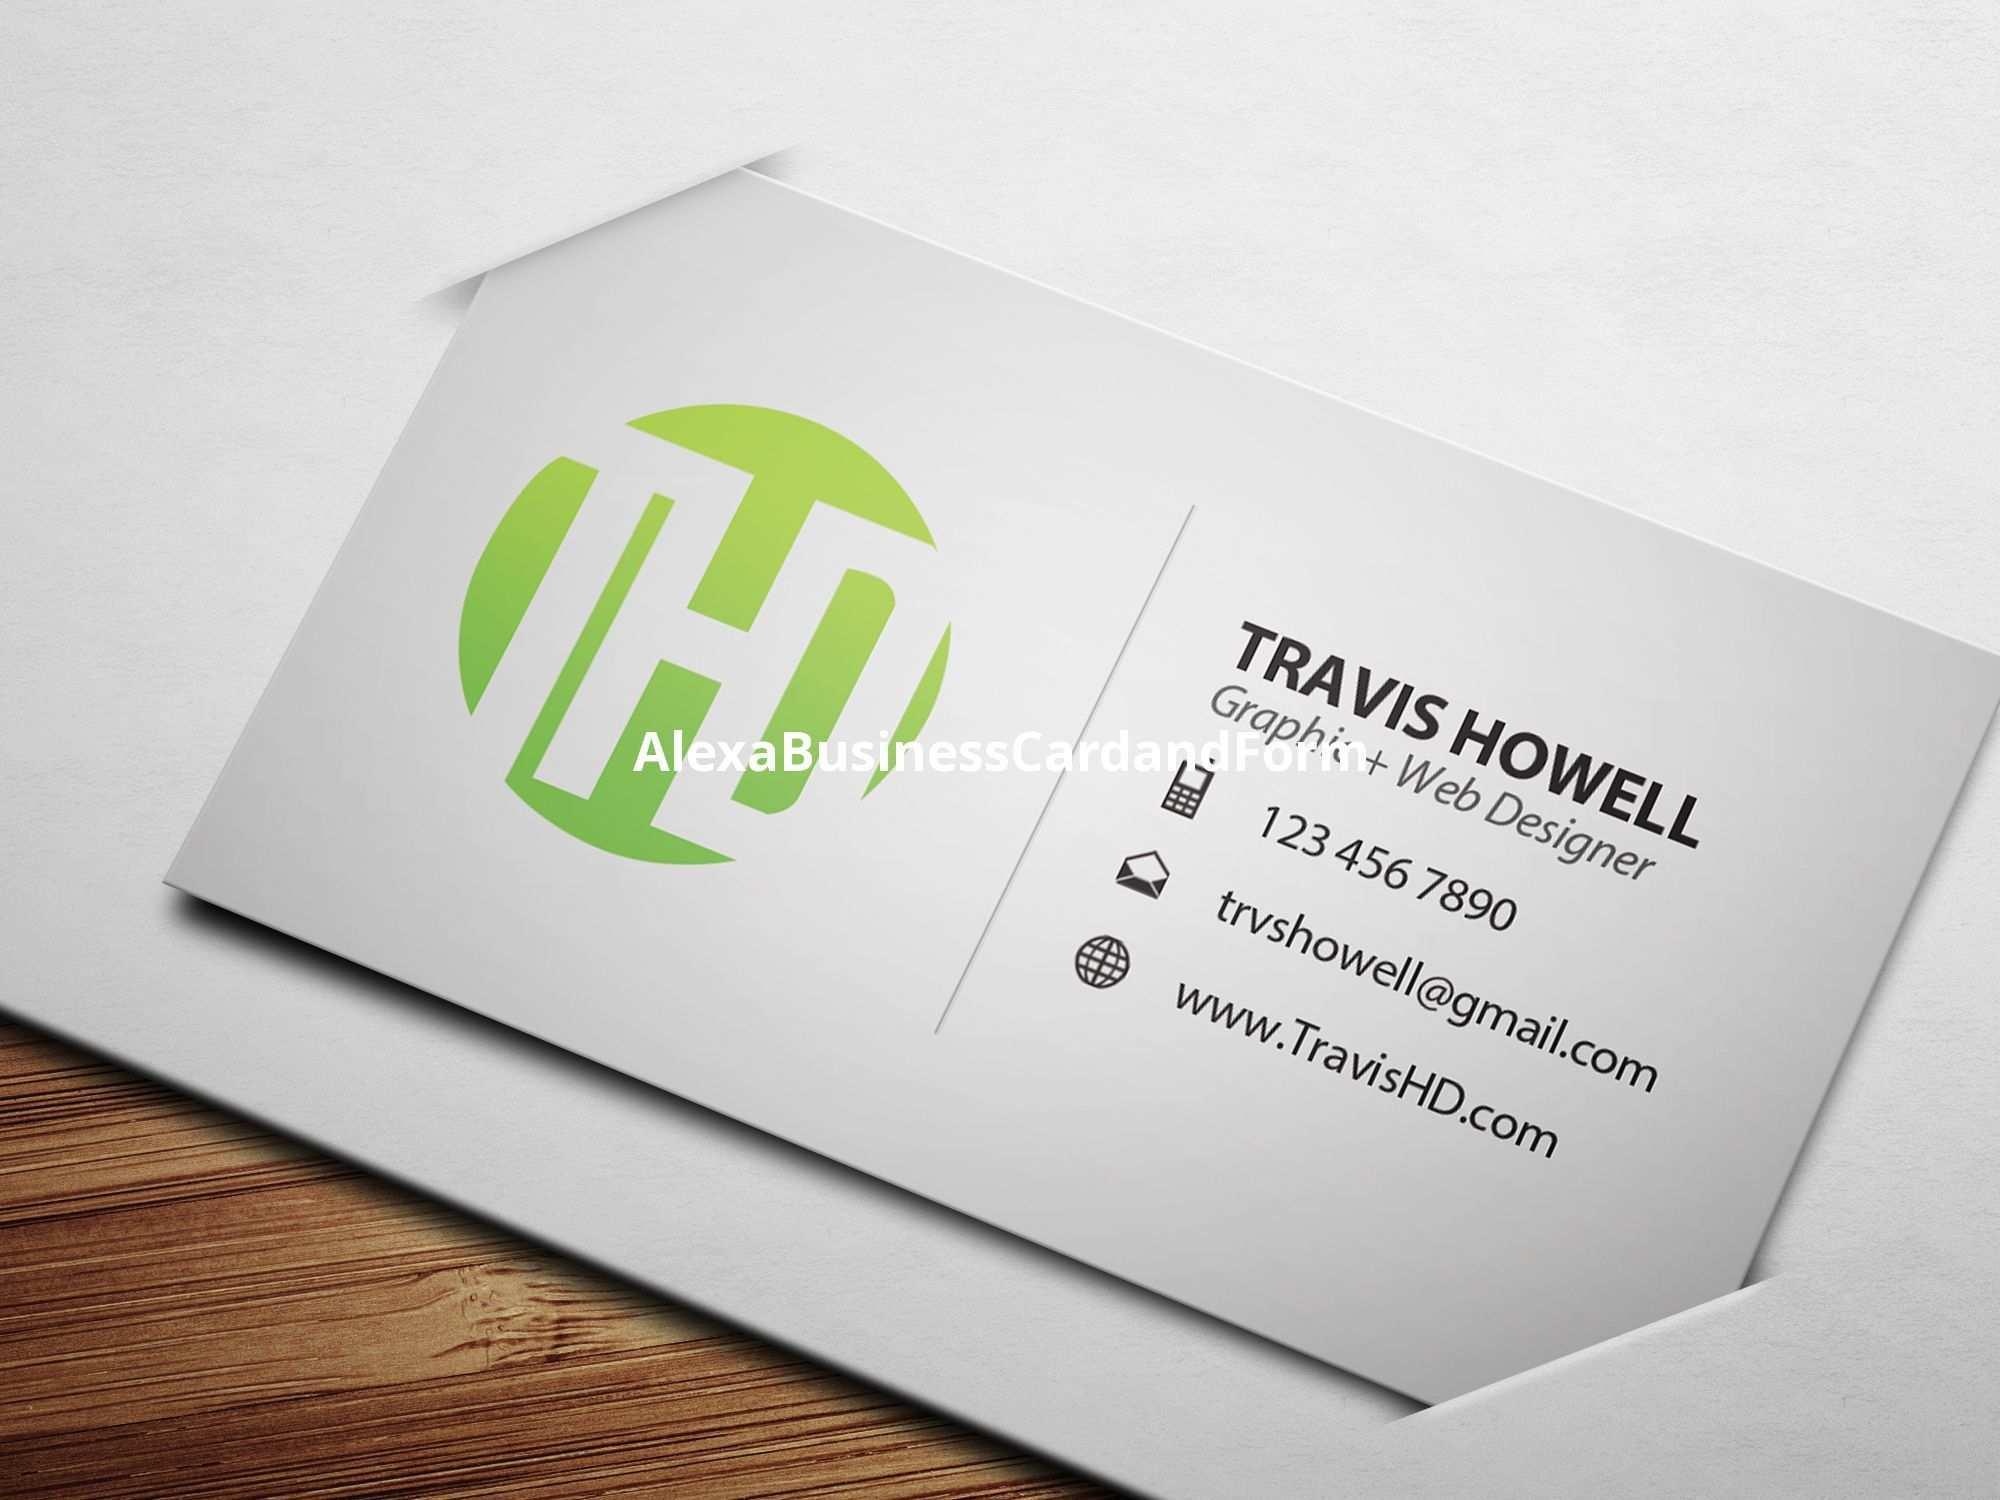 Kostenlose Online Business Card Template Maker Mit Online Visitenkarte Vorlage Kostenlos Download In V Visitenkarten Vorlagen Tolle Visitenkarten Visitenkarten